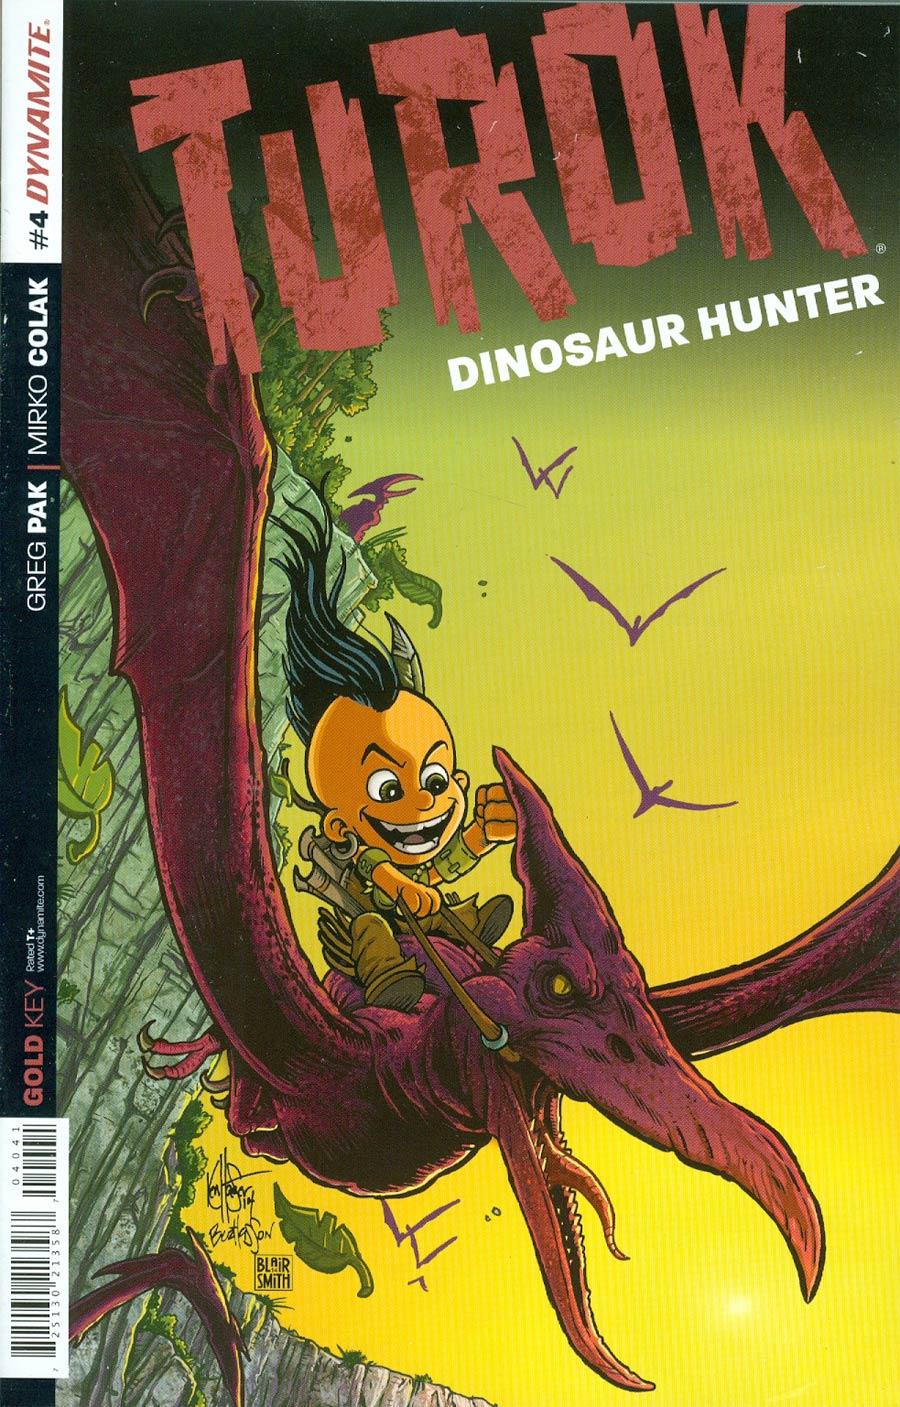 Turok Dinosaur Hunter Vol 2 #4 Cover E Incentive Ken Haeser Lil Turok Variant Cover